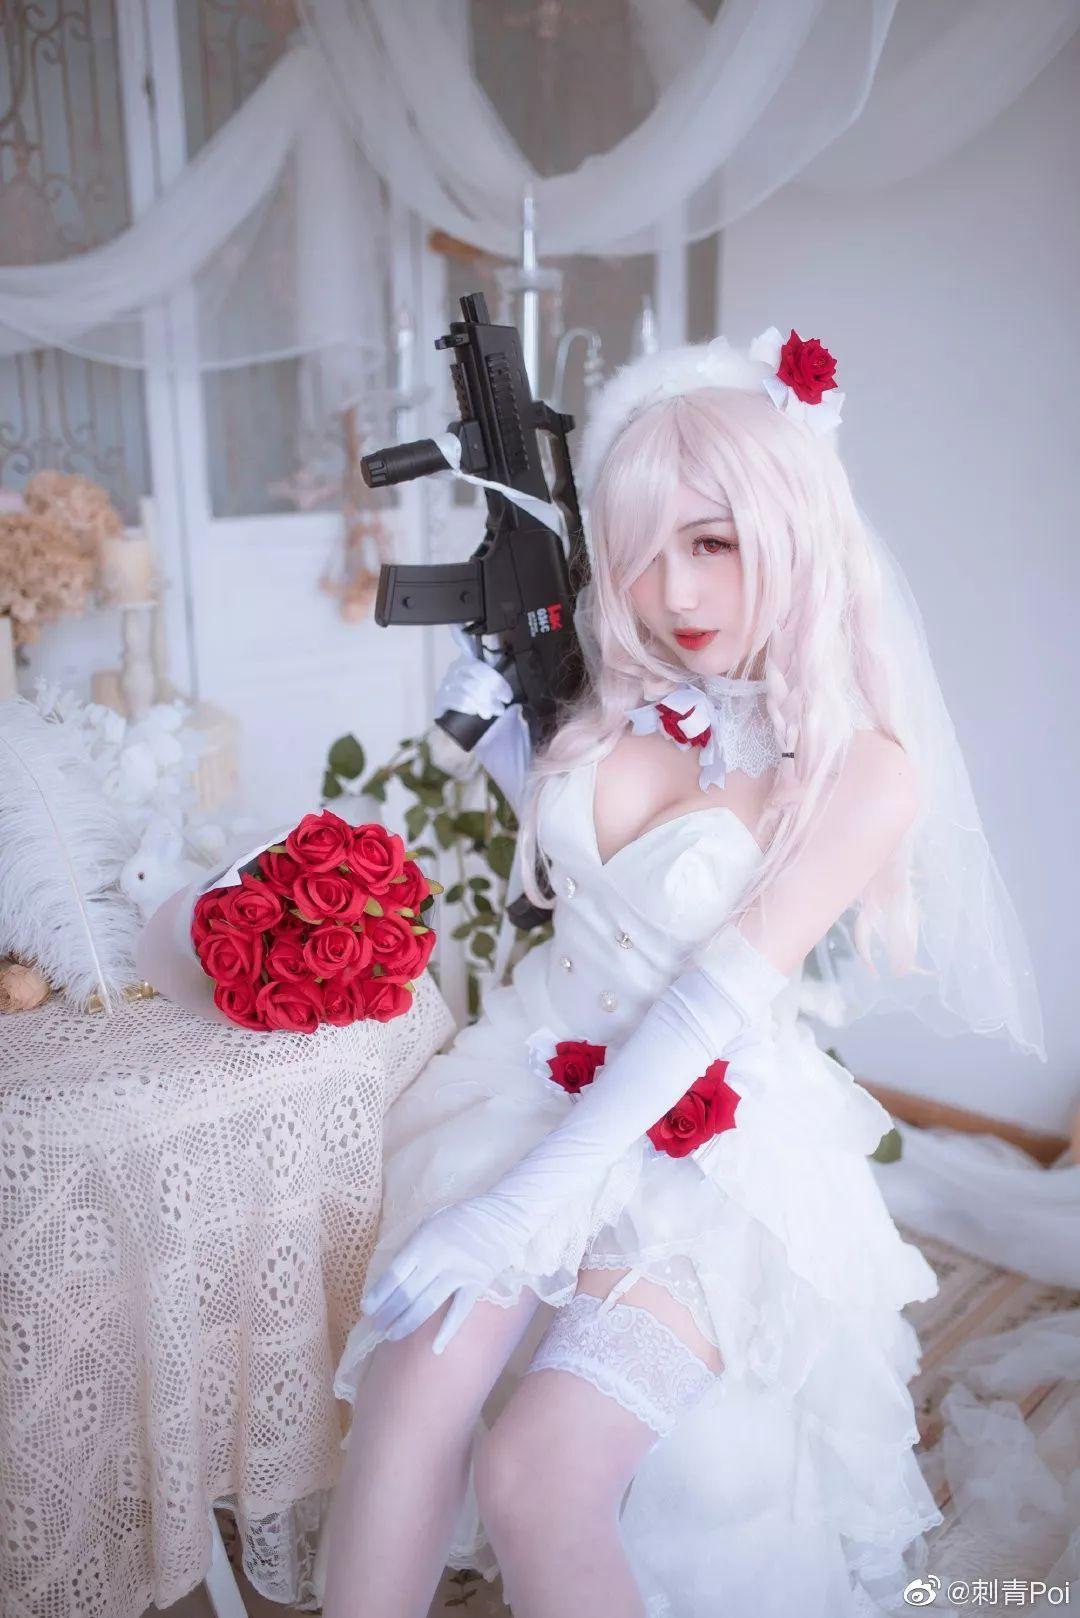 cosplay – 《少女前线》白丝花嫁G36C_图片 No.2